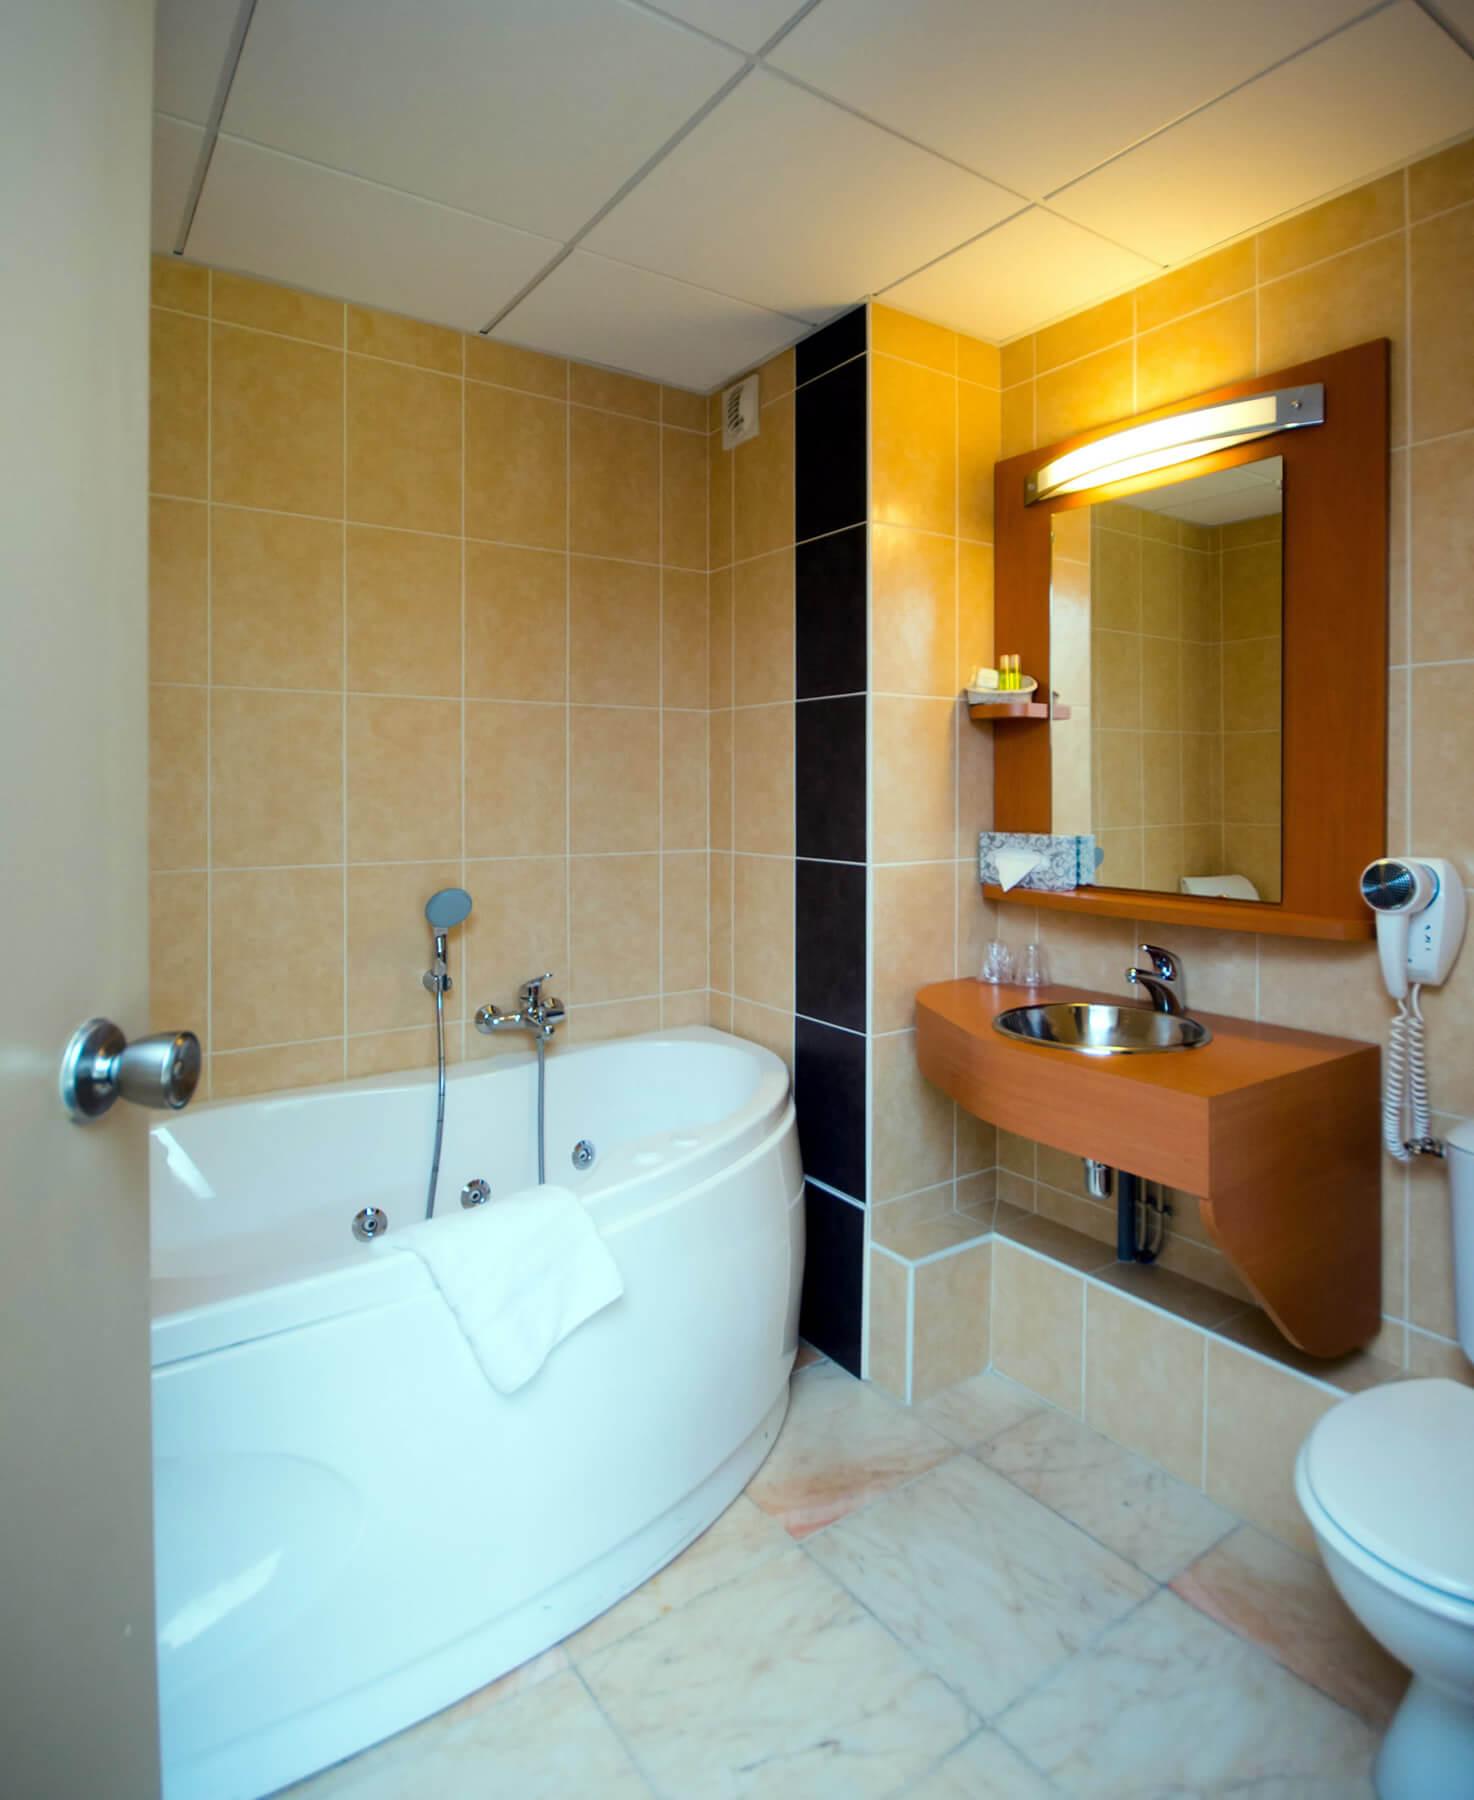 les chambres d h tel du brit hotel le kerann saint herblain. Black Bedroom Furniture Sets. Home Design Ideas